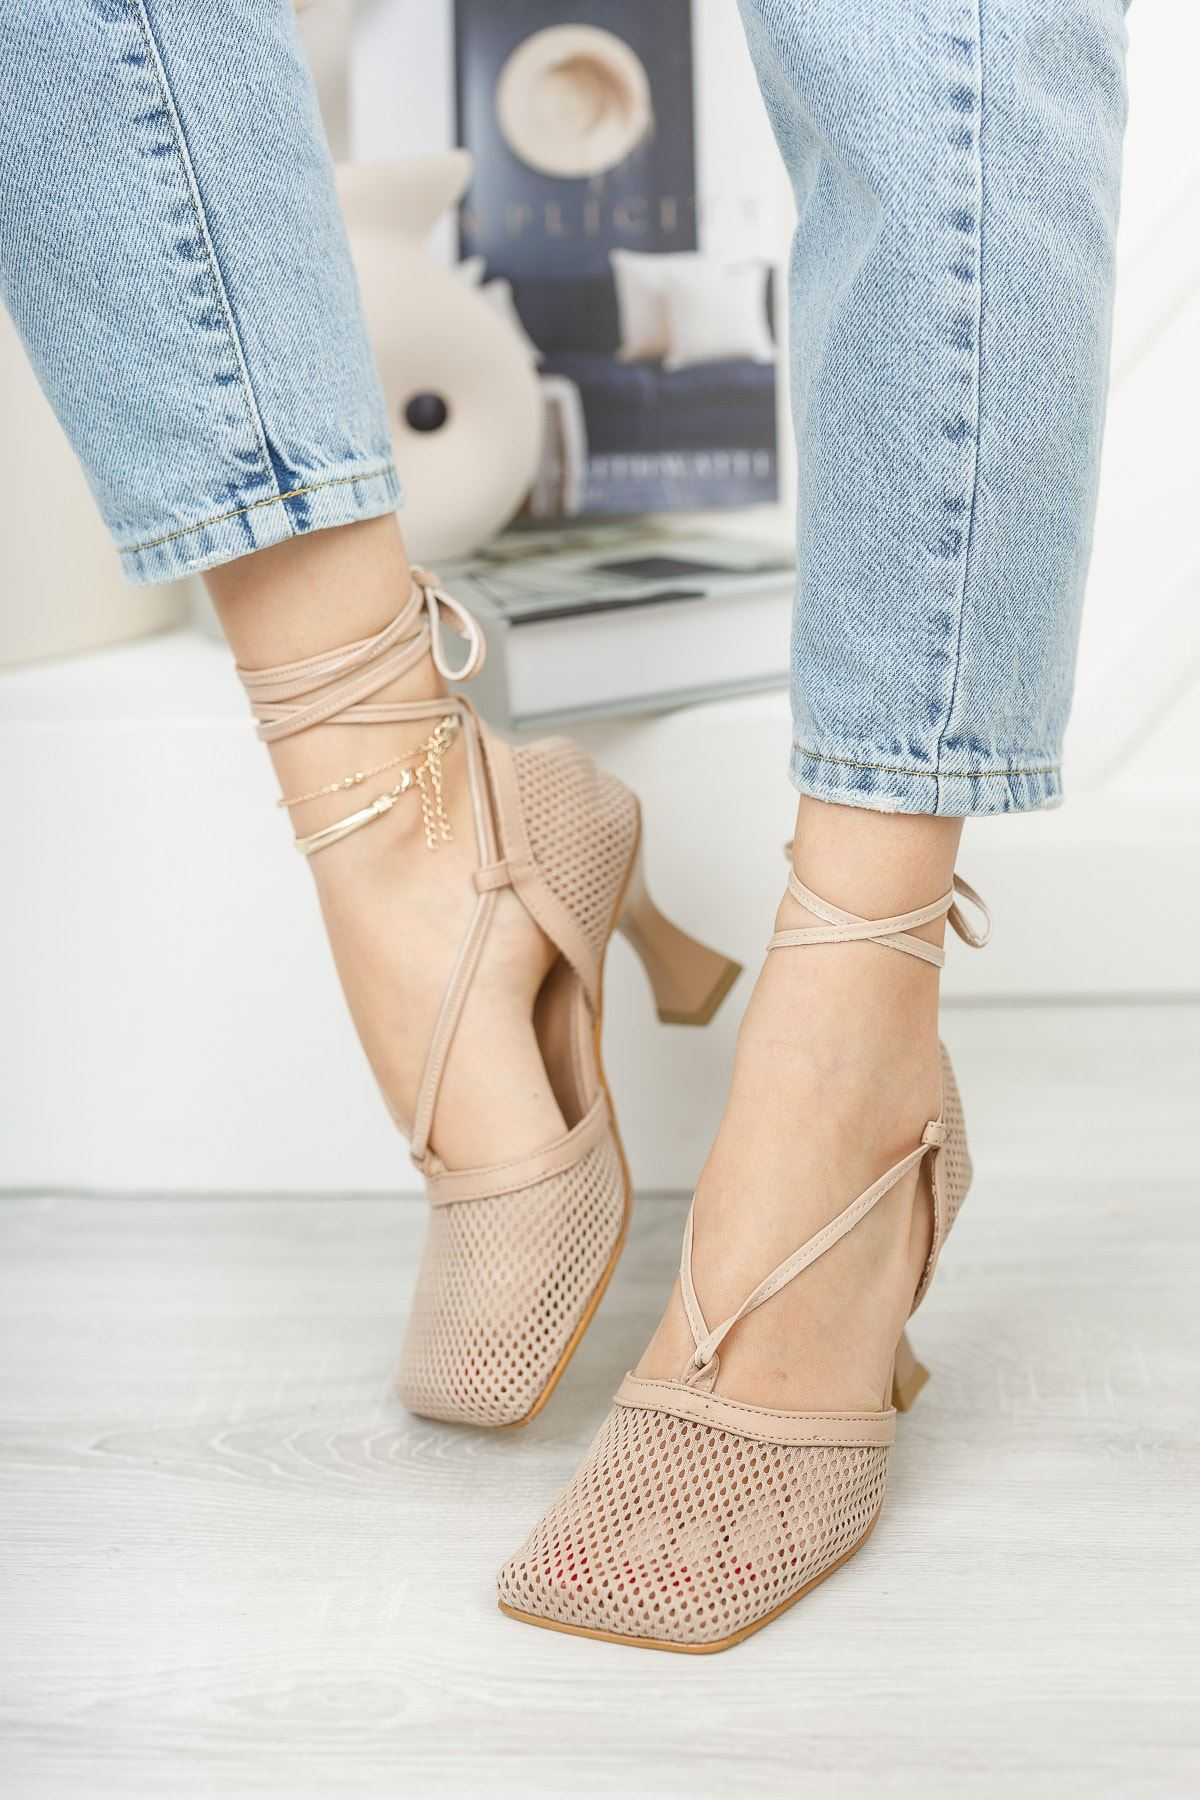 Nude Fileli Bilekten Bağlamalı Köşe Kalıp Topuklu Ayakkabı